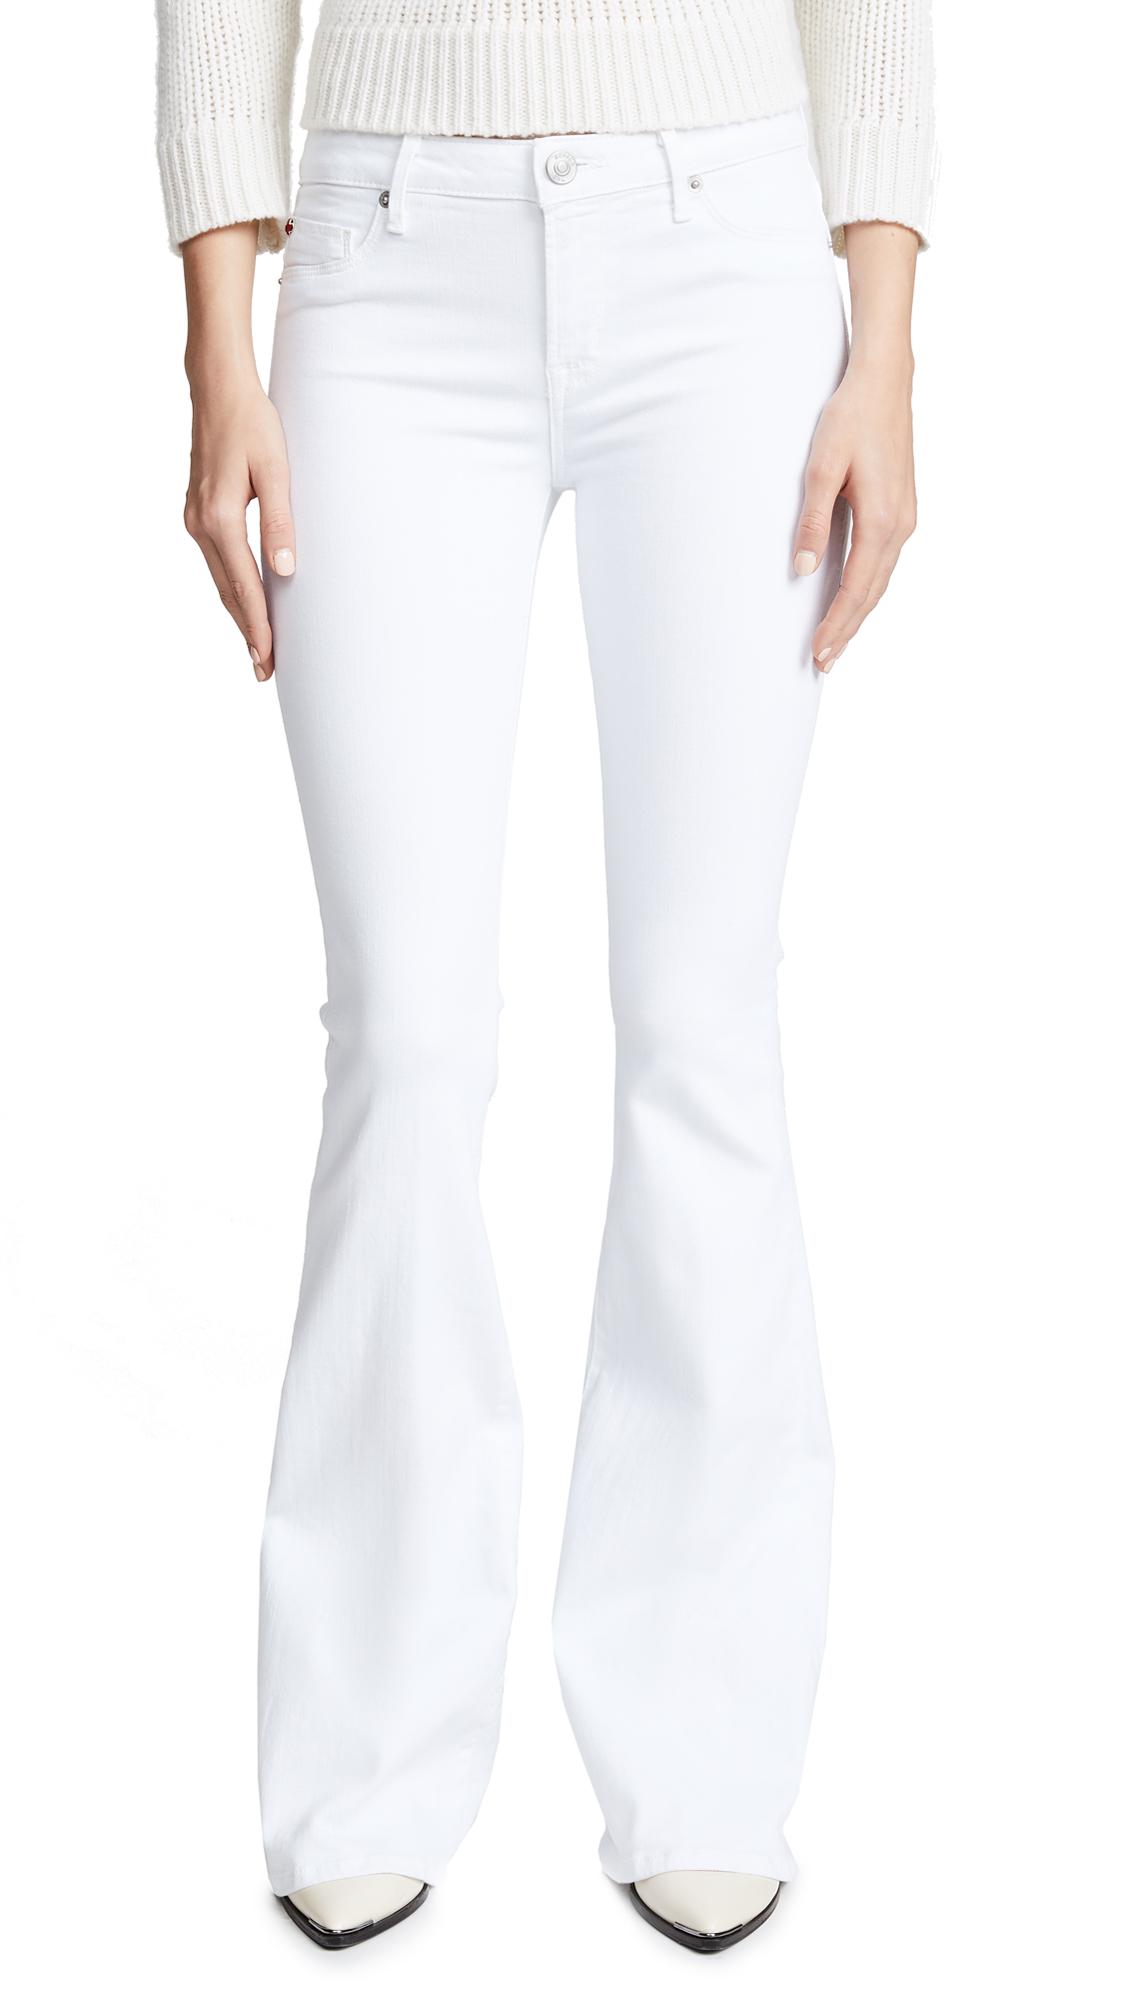 Mia Mid Rise White Jeans